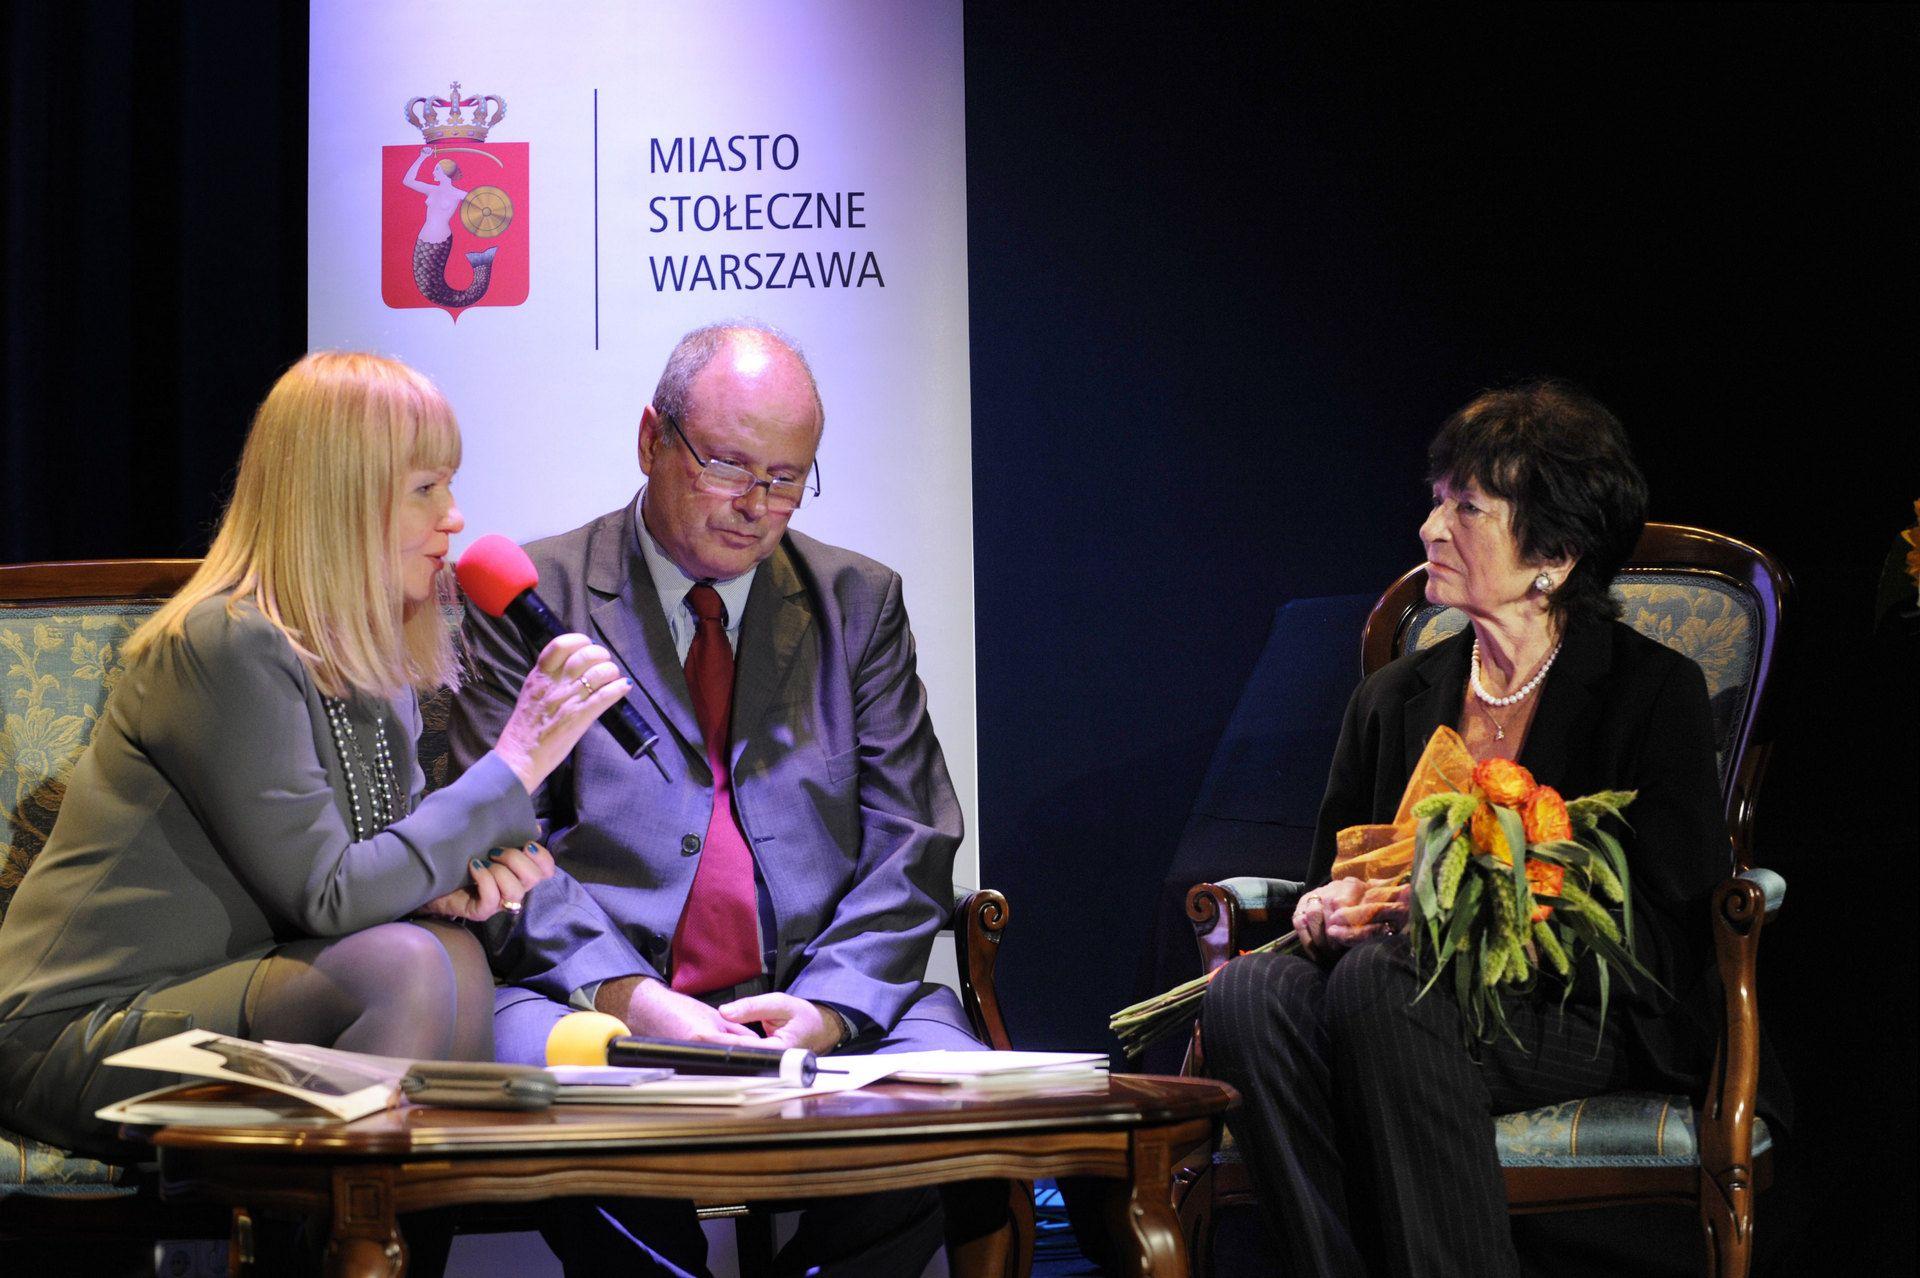 WŁADYSŁAW SZPILMAN W RADIO 22.09.2011 Studio Muzyczne im. A. Osieckiej fot.A. Rybczyński